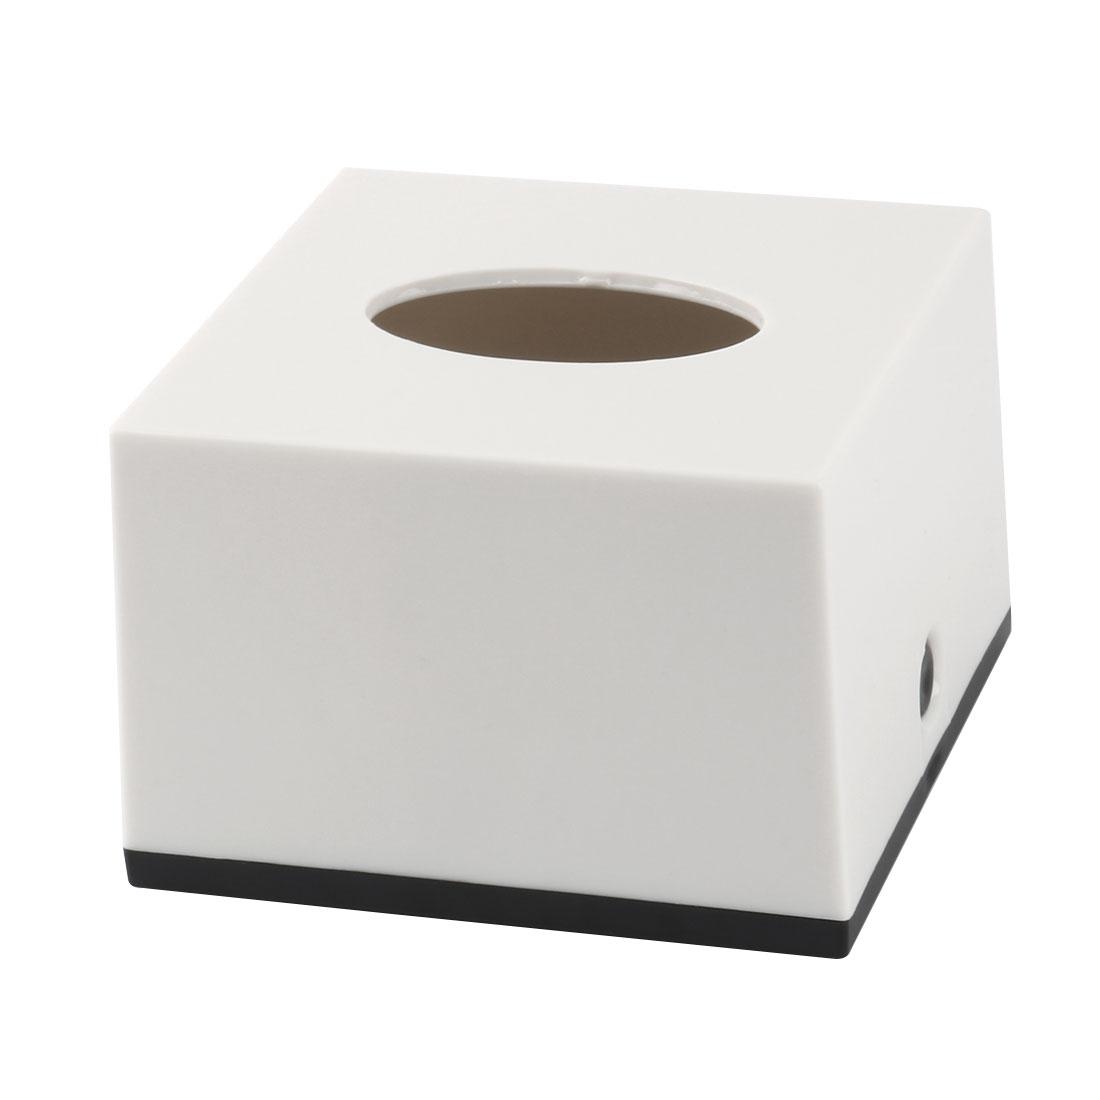 Home Hotel Plastic Square Tissue Napkin Paper Storage Box Holder Case Off White Black